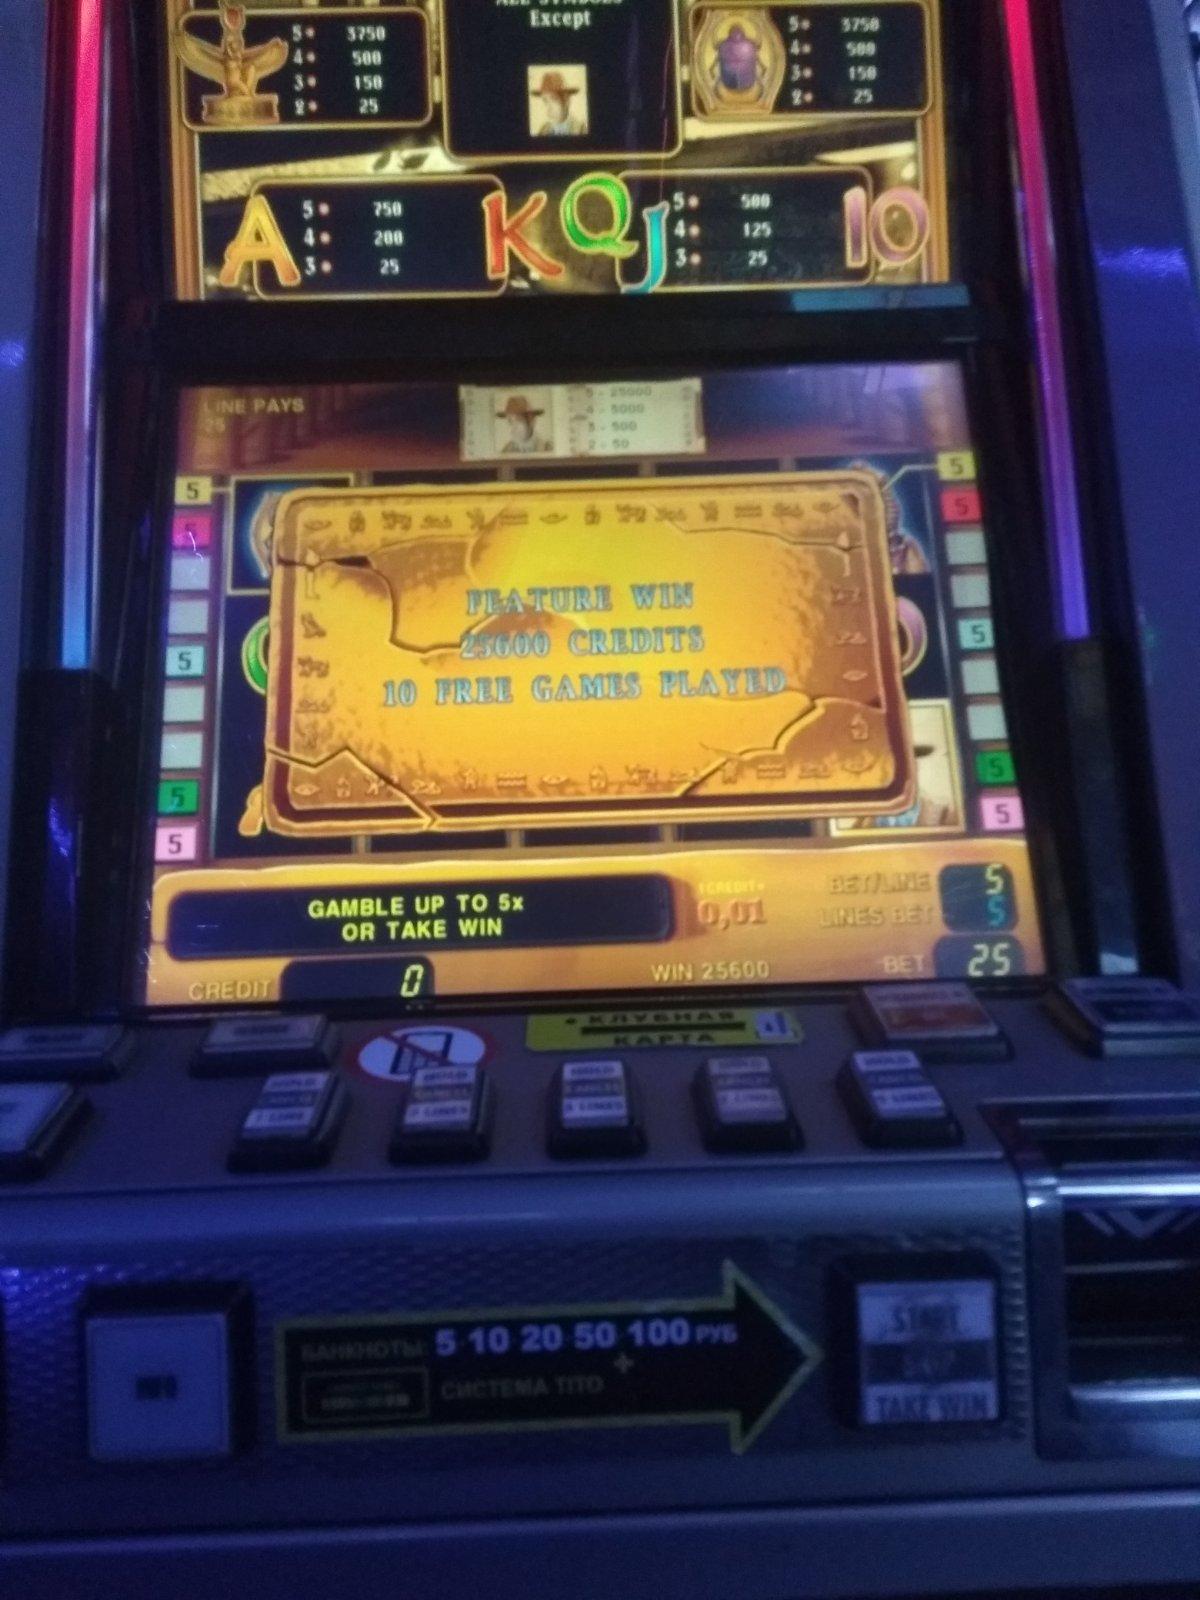 снять деньги с игрового автомата